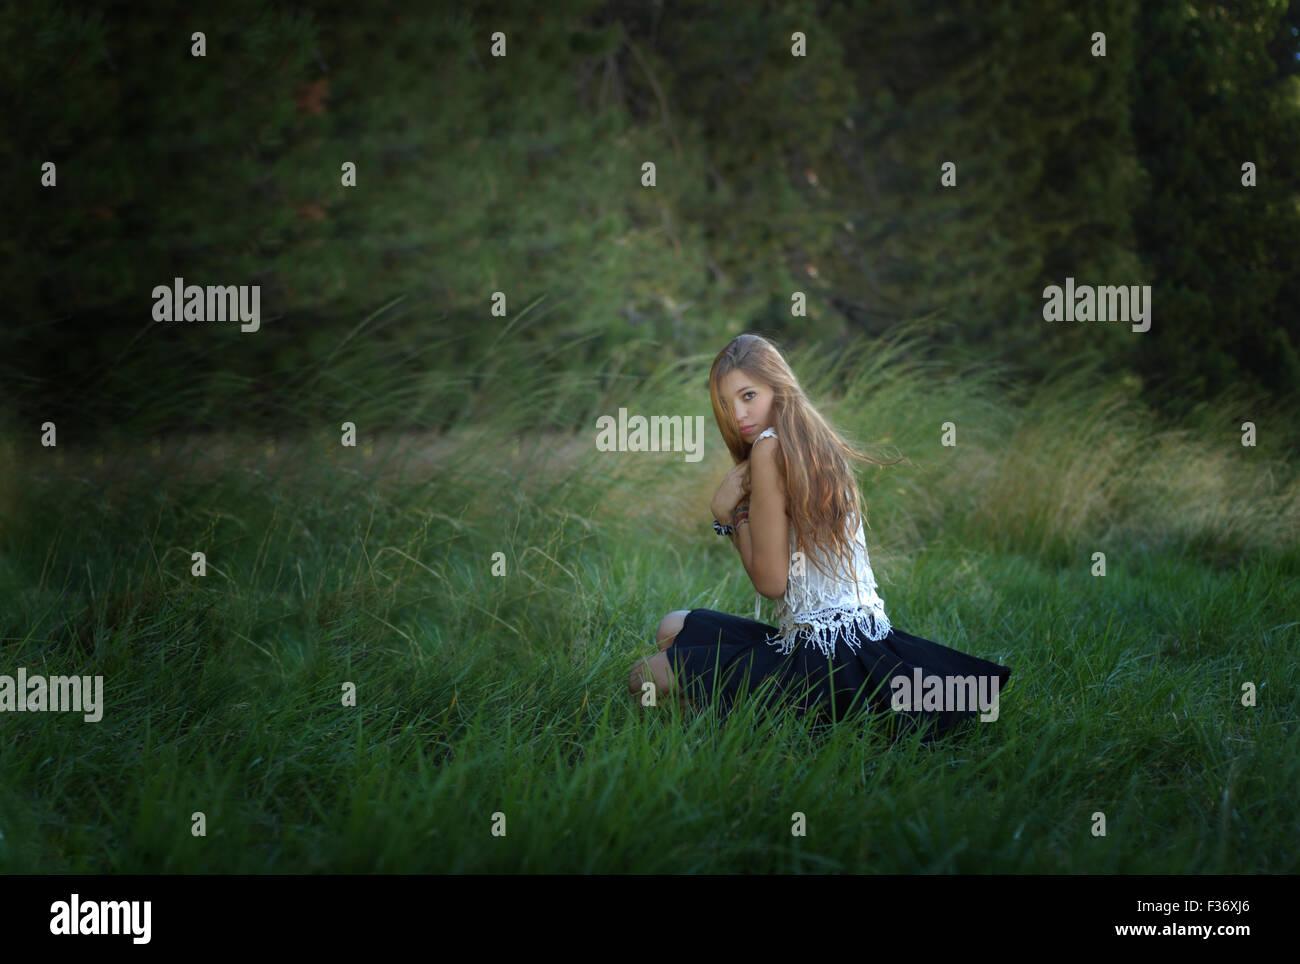 geheimnisvolle Mädchen mit langen Haaren in dem grünen Wald-Rasen Stockbild